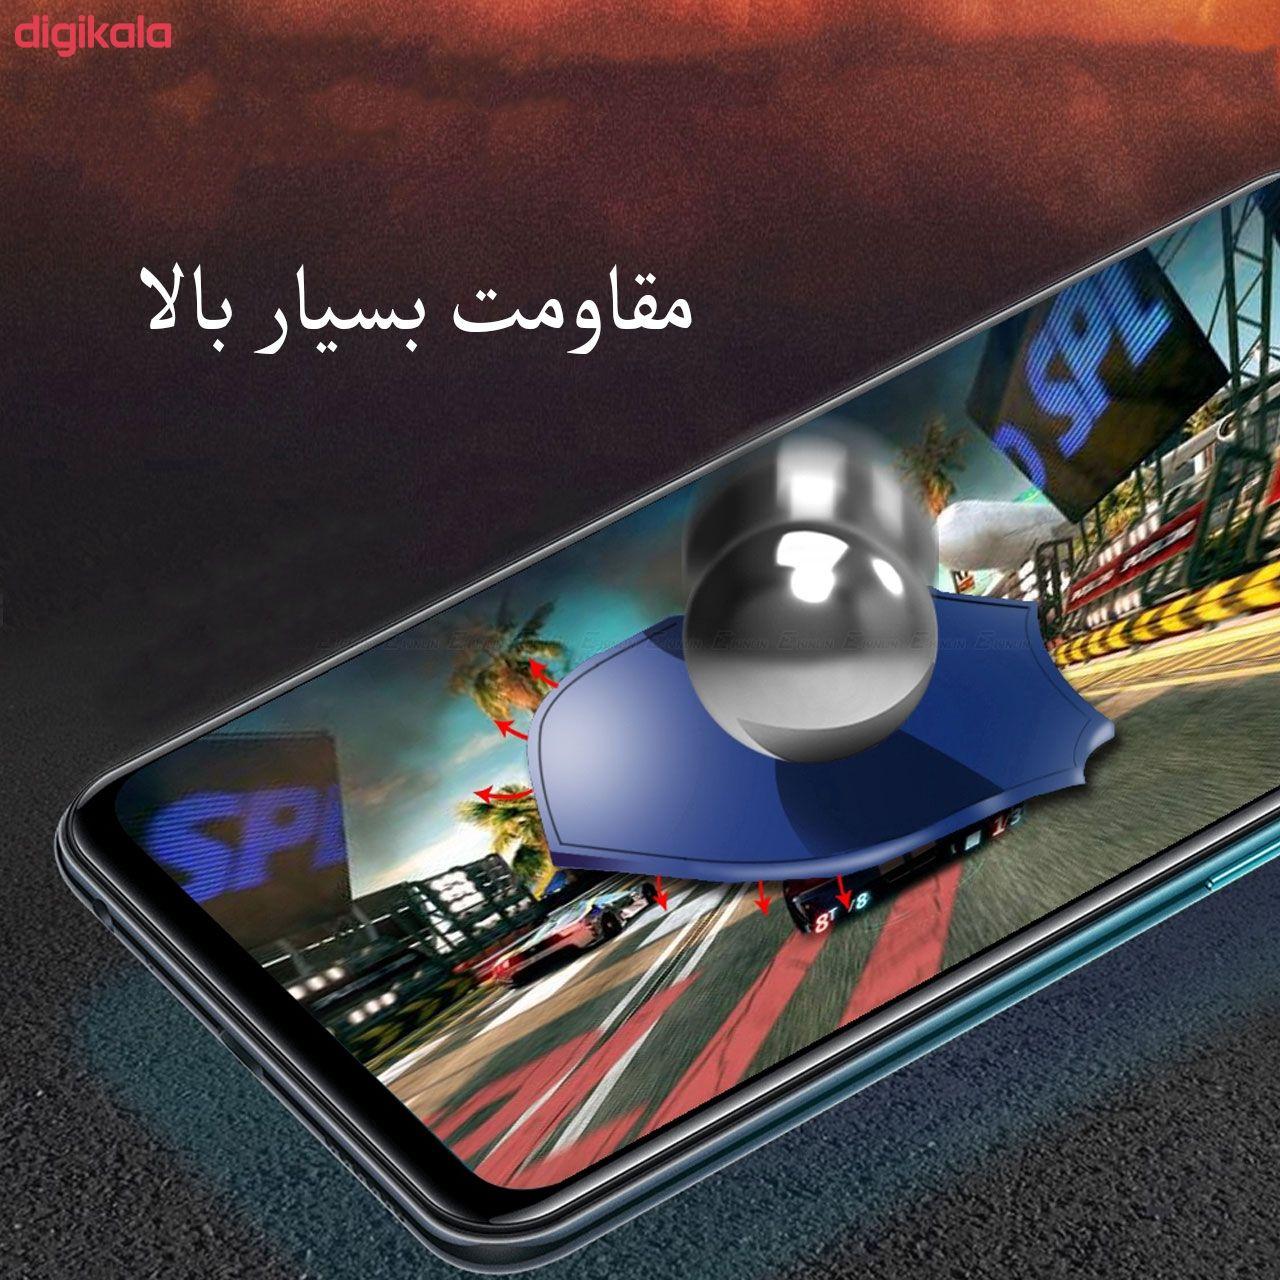 محافظ صفحه نمایش مدل FCG مناسب برای گوشی موبایل شیائومی Mi 10 Lite 5G بسته دو عددی main 1 8